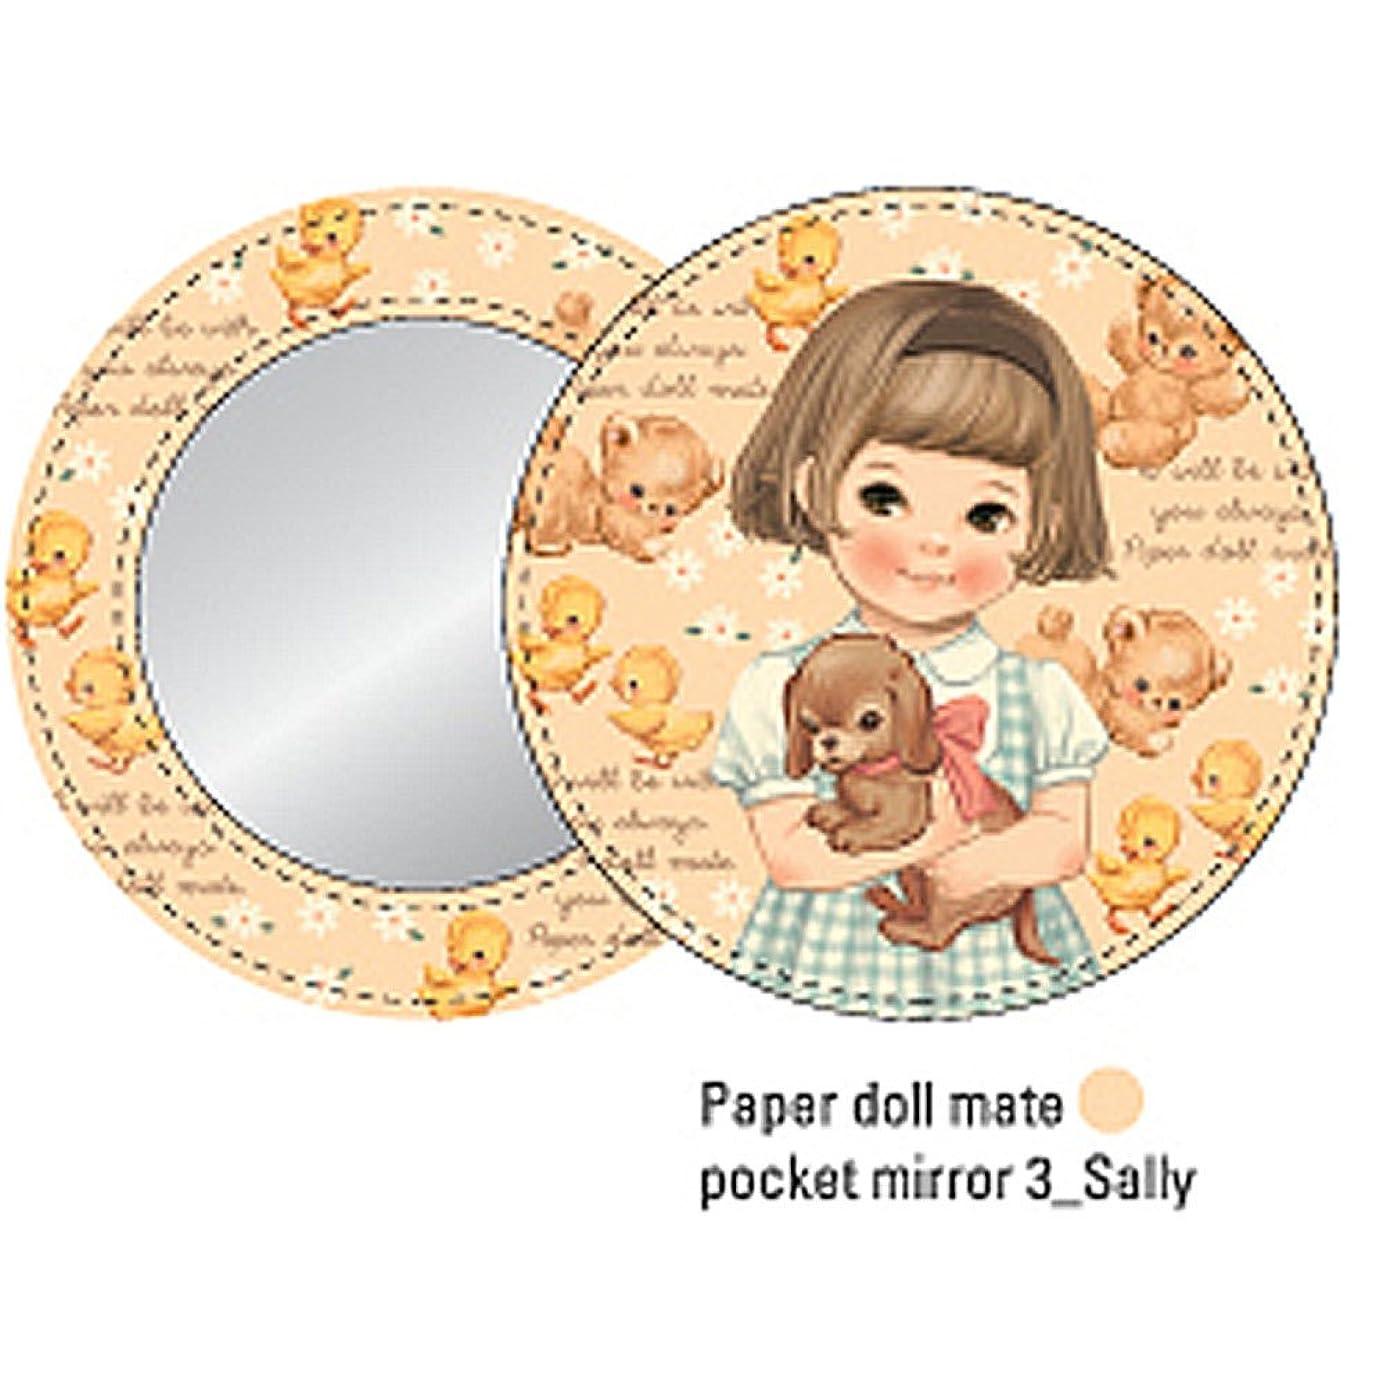 ペーパードールメイト/丸くて可愛いポケットミラー3_ Sally